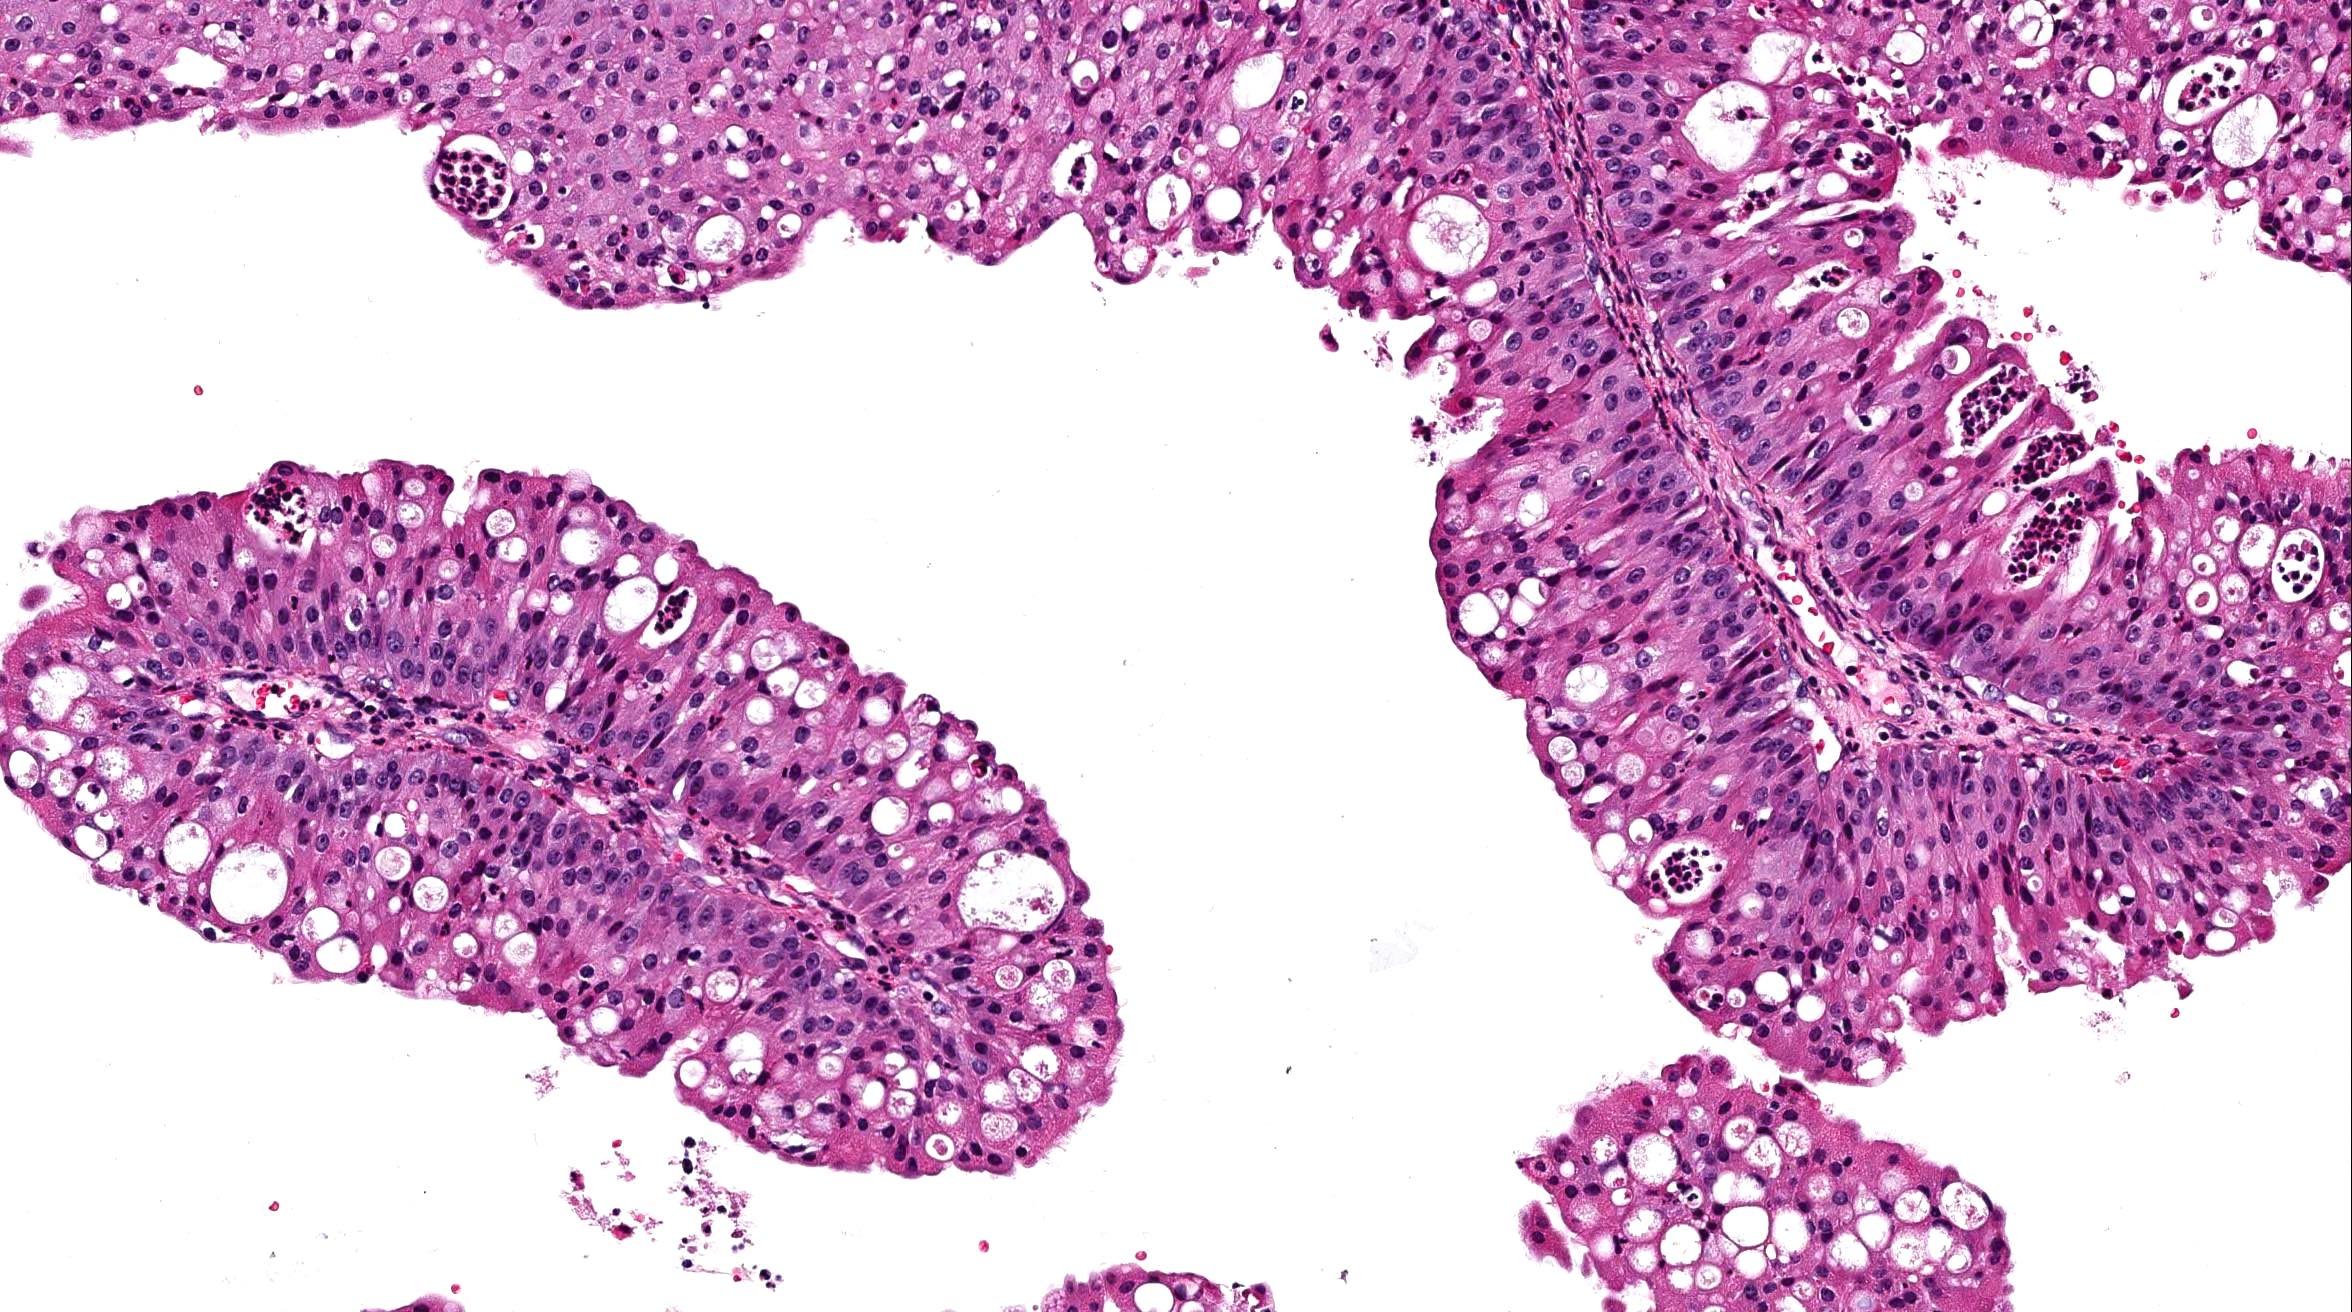 schneiderian papilloma histopathology ce este cancerul de col uterin